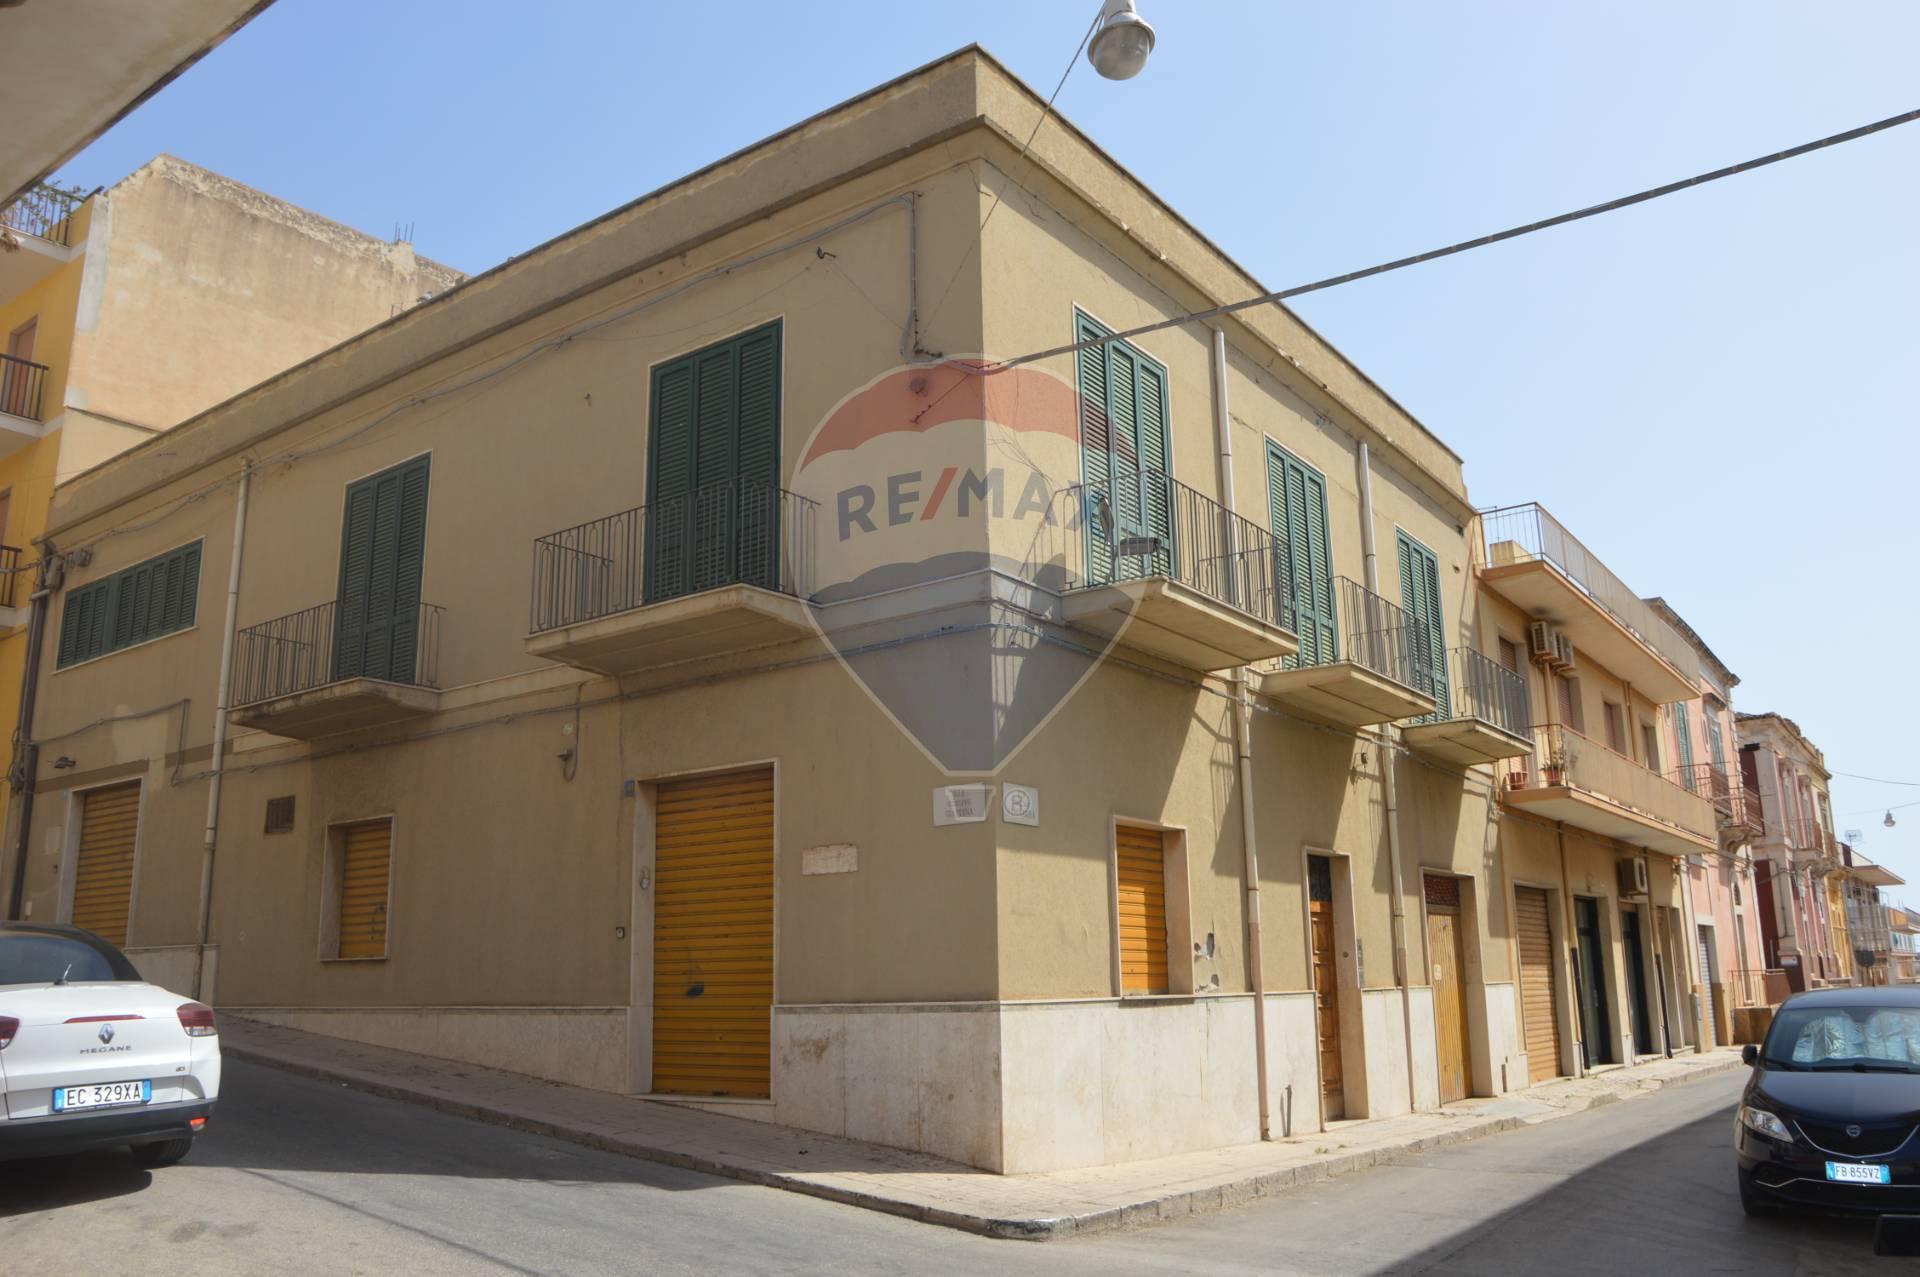 Negozio / Locale in vendita a Pachino, 9999 locali, prezzo € 120.000   CambioCasa.it